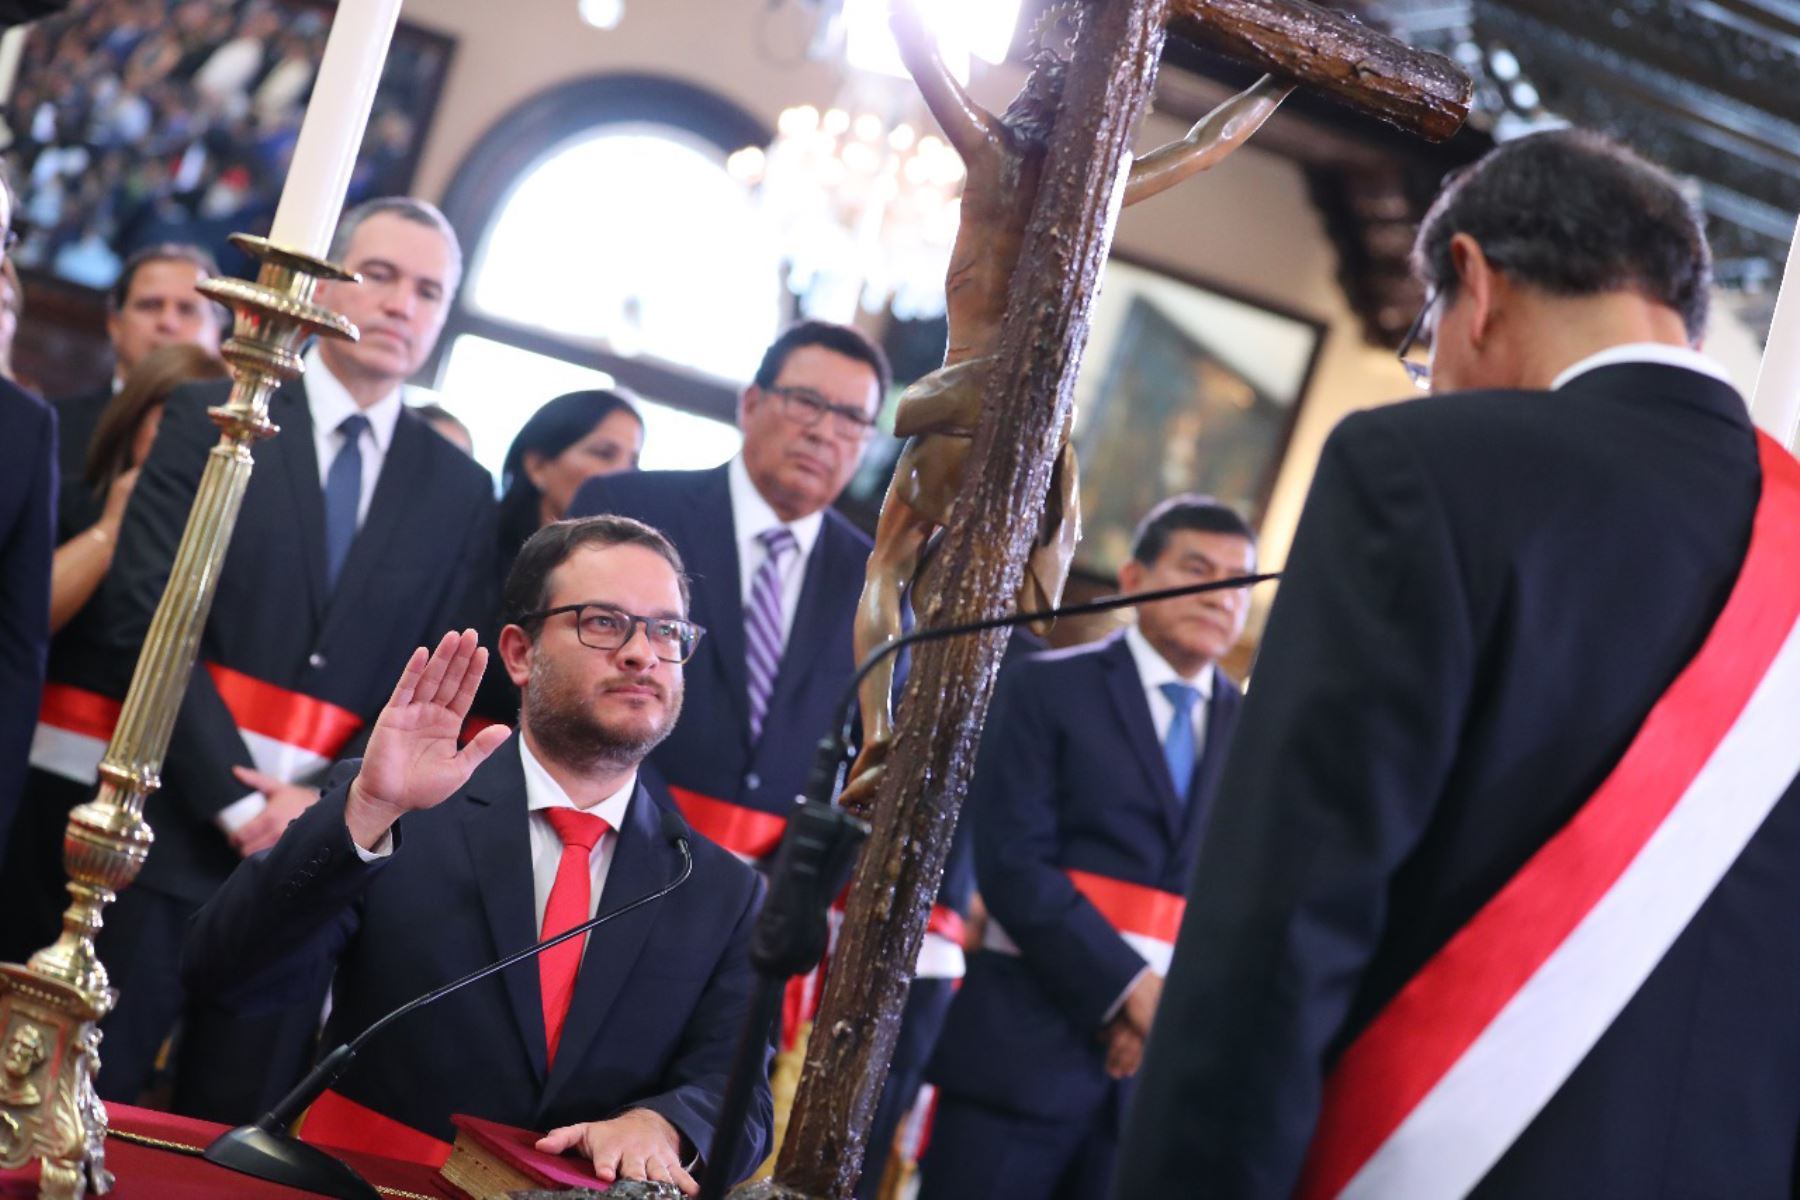 Edgar Vásquez juramenta como ministro de Comercio Exterior y Turismo. Foto: ANDINA/Prensa Presidencia